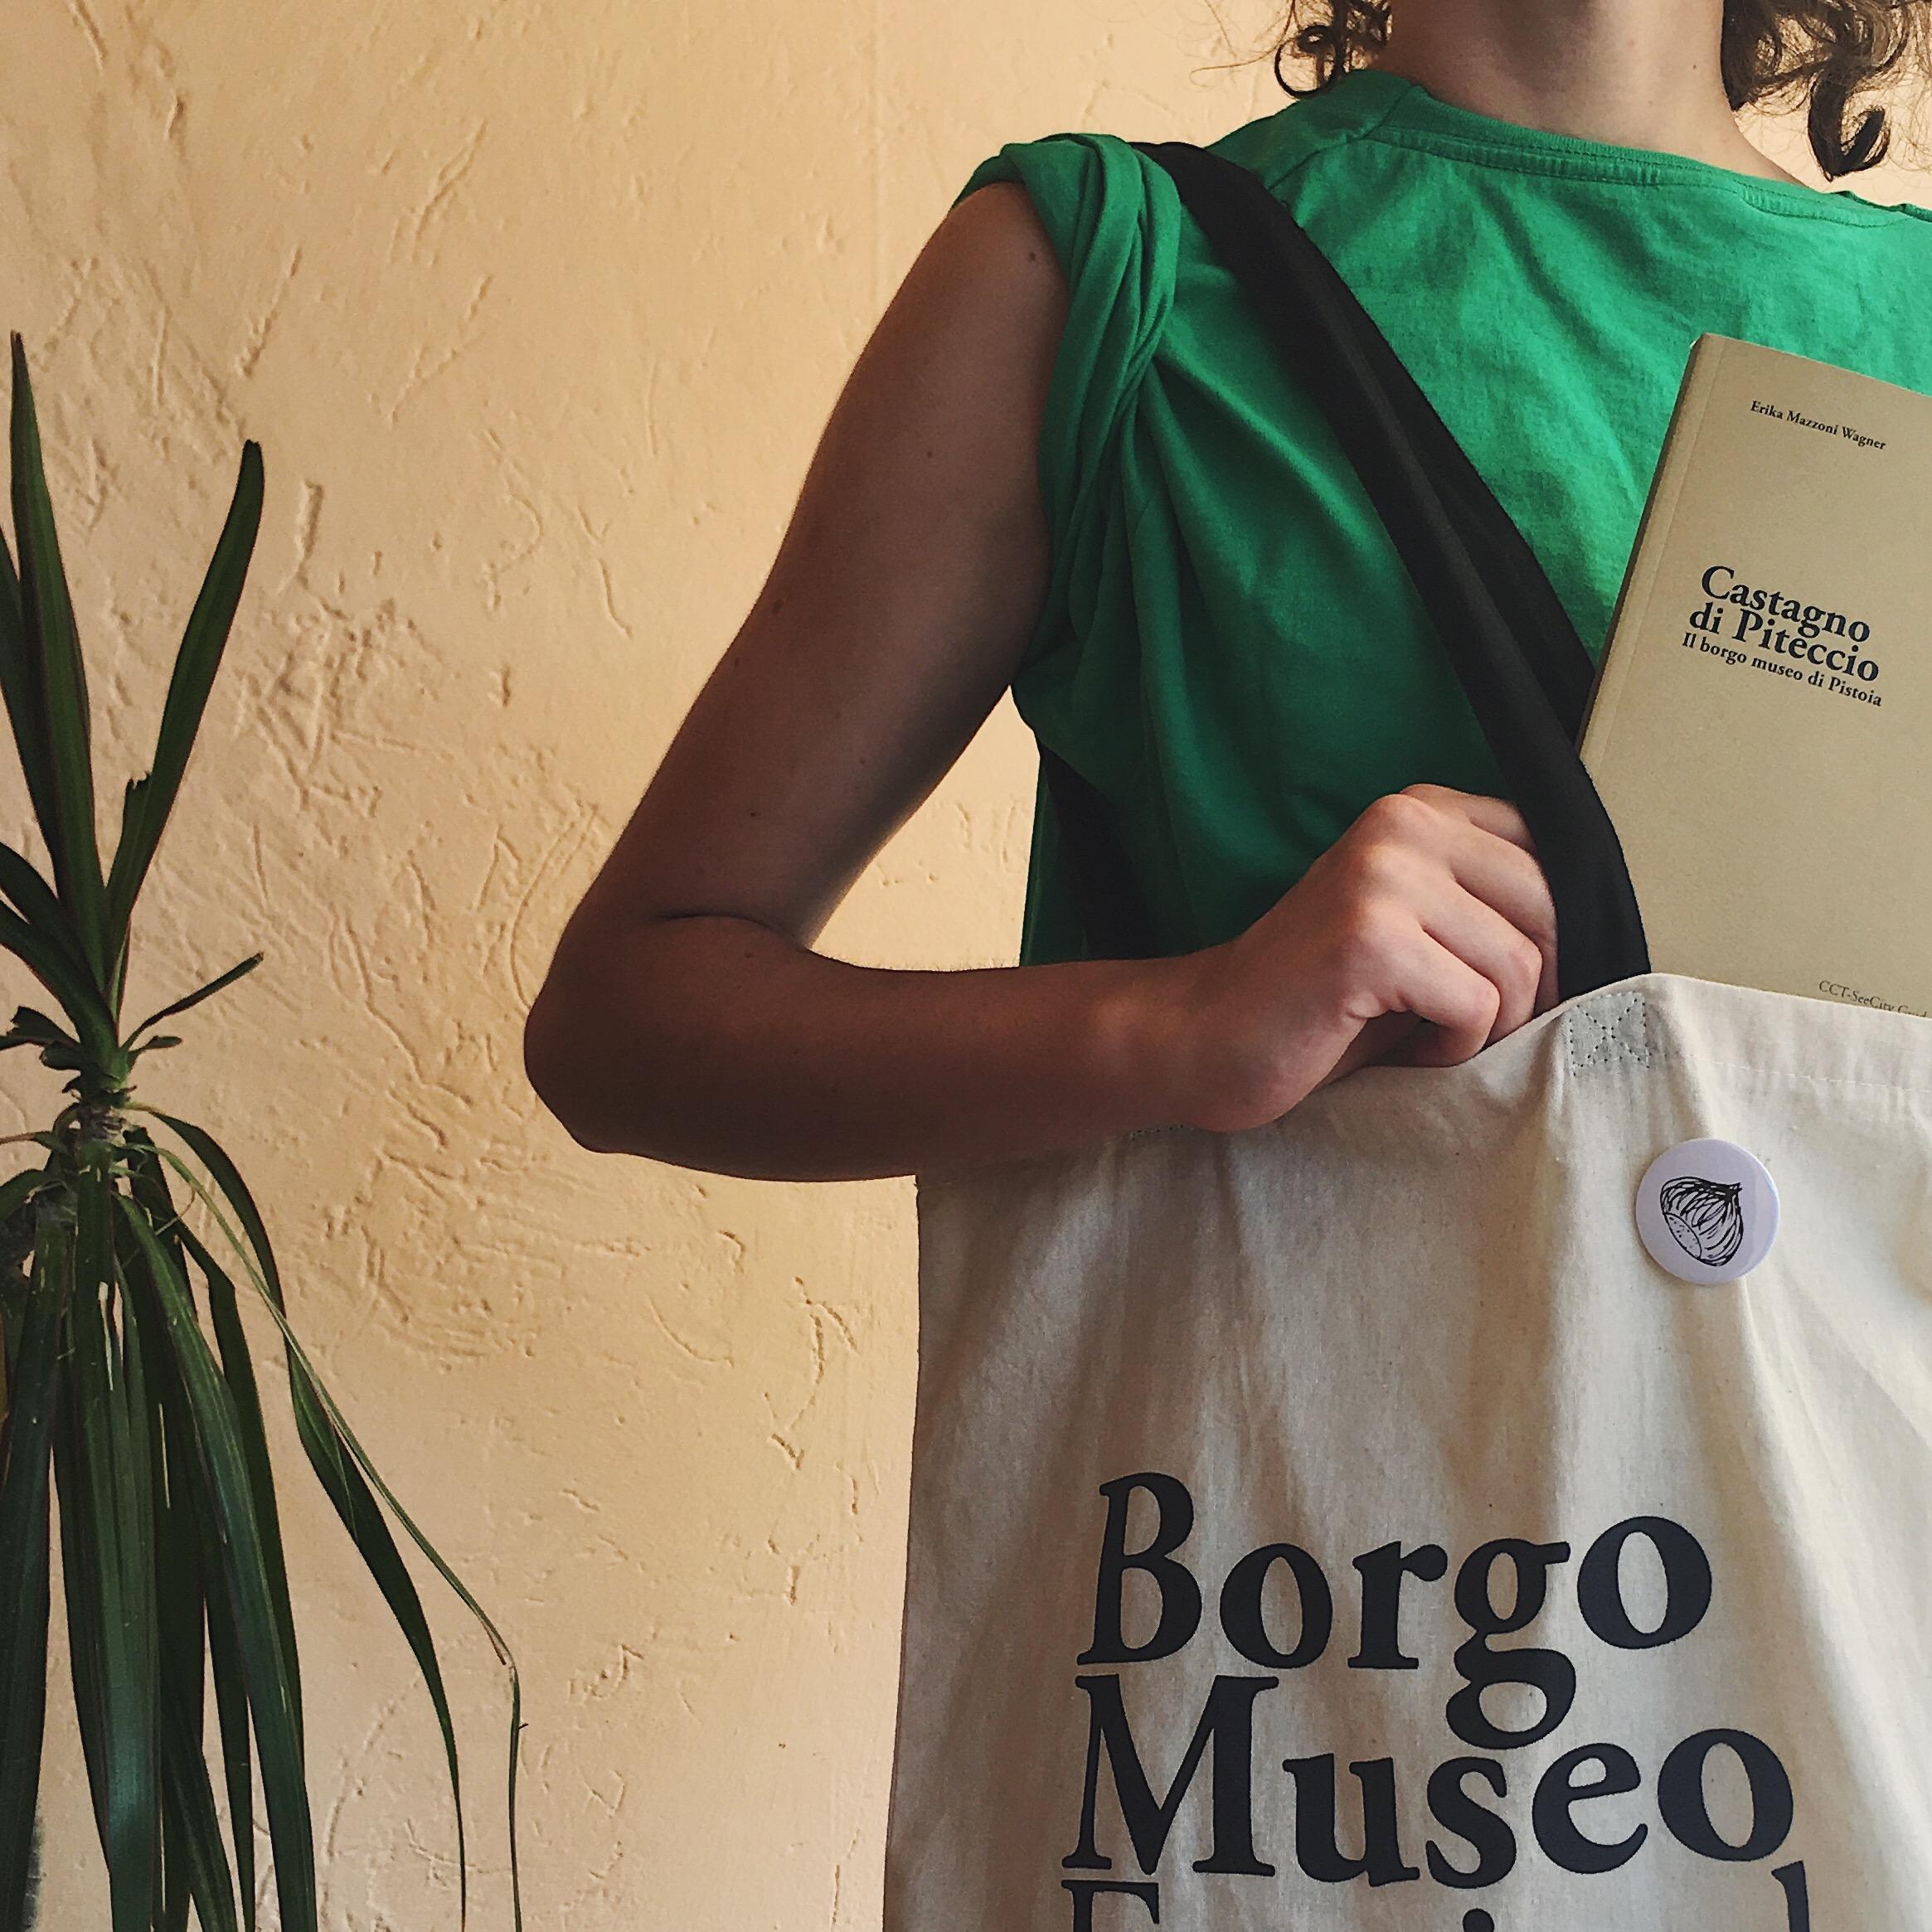 Castagno di Piteccio - Borgo Museo - Gadgtes 02.JPG